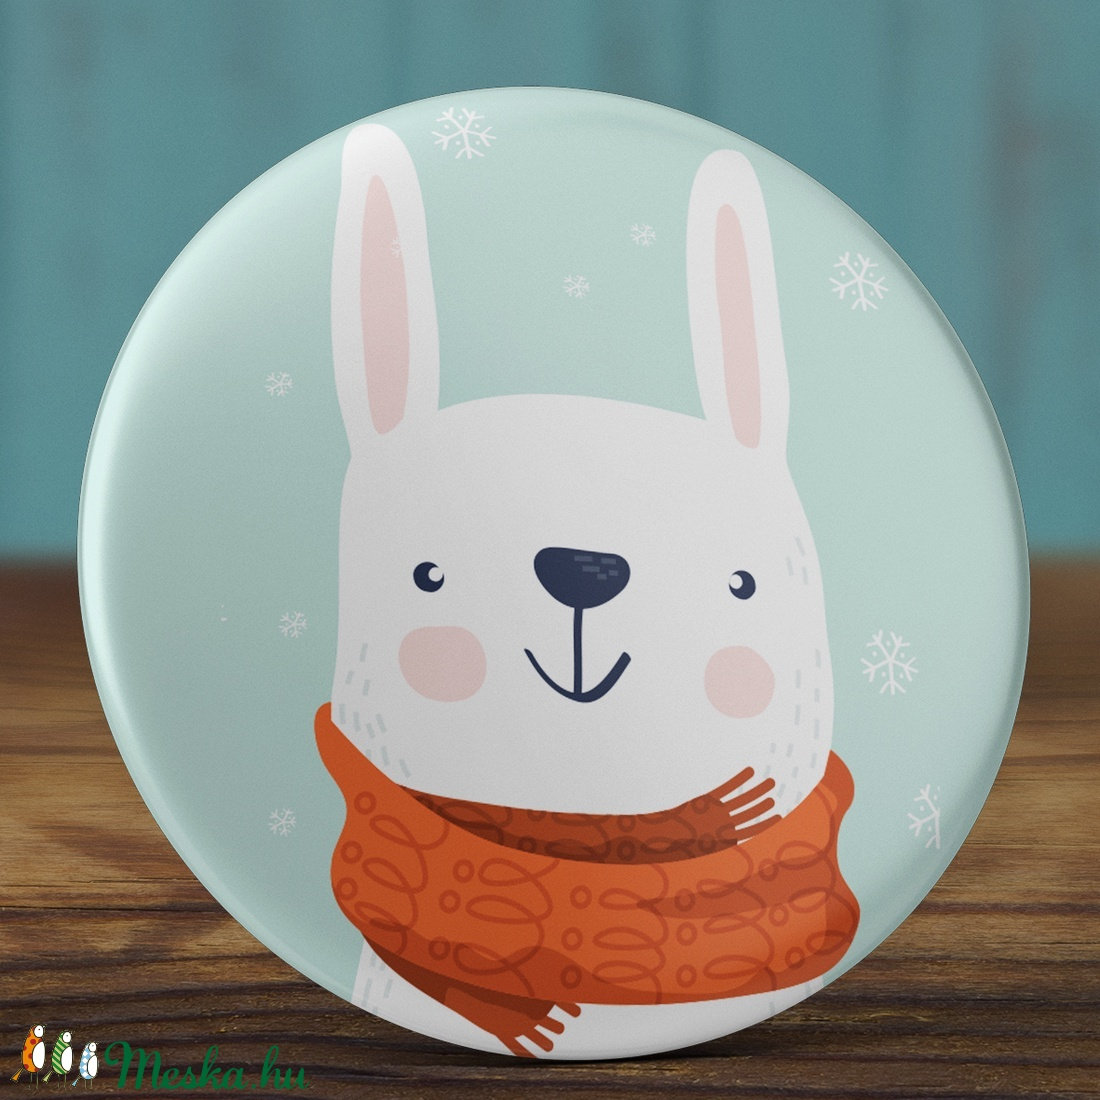 Karácsonyi tükör- Hó nyuszi tükör- nyuszi tükör - tél tükör - sálas nyúl zsebtükör - karácsony ajándék - sál - tél - hó (AngelPin) - Meska.hu